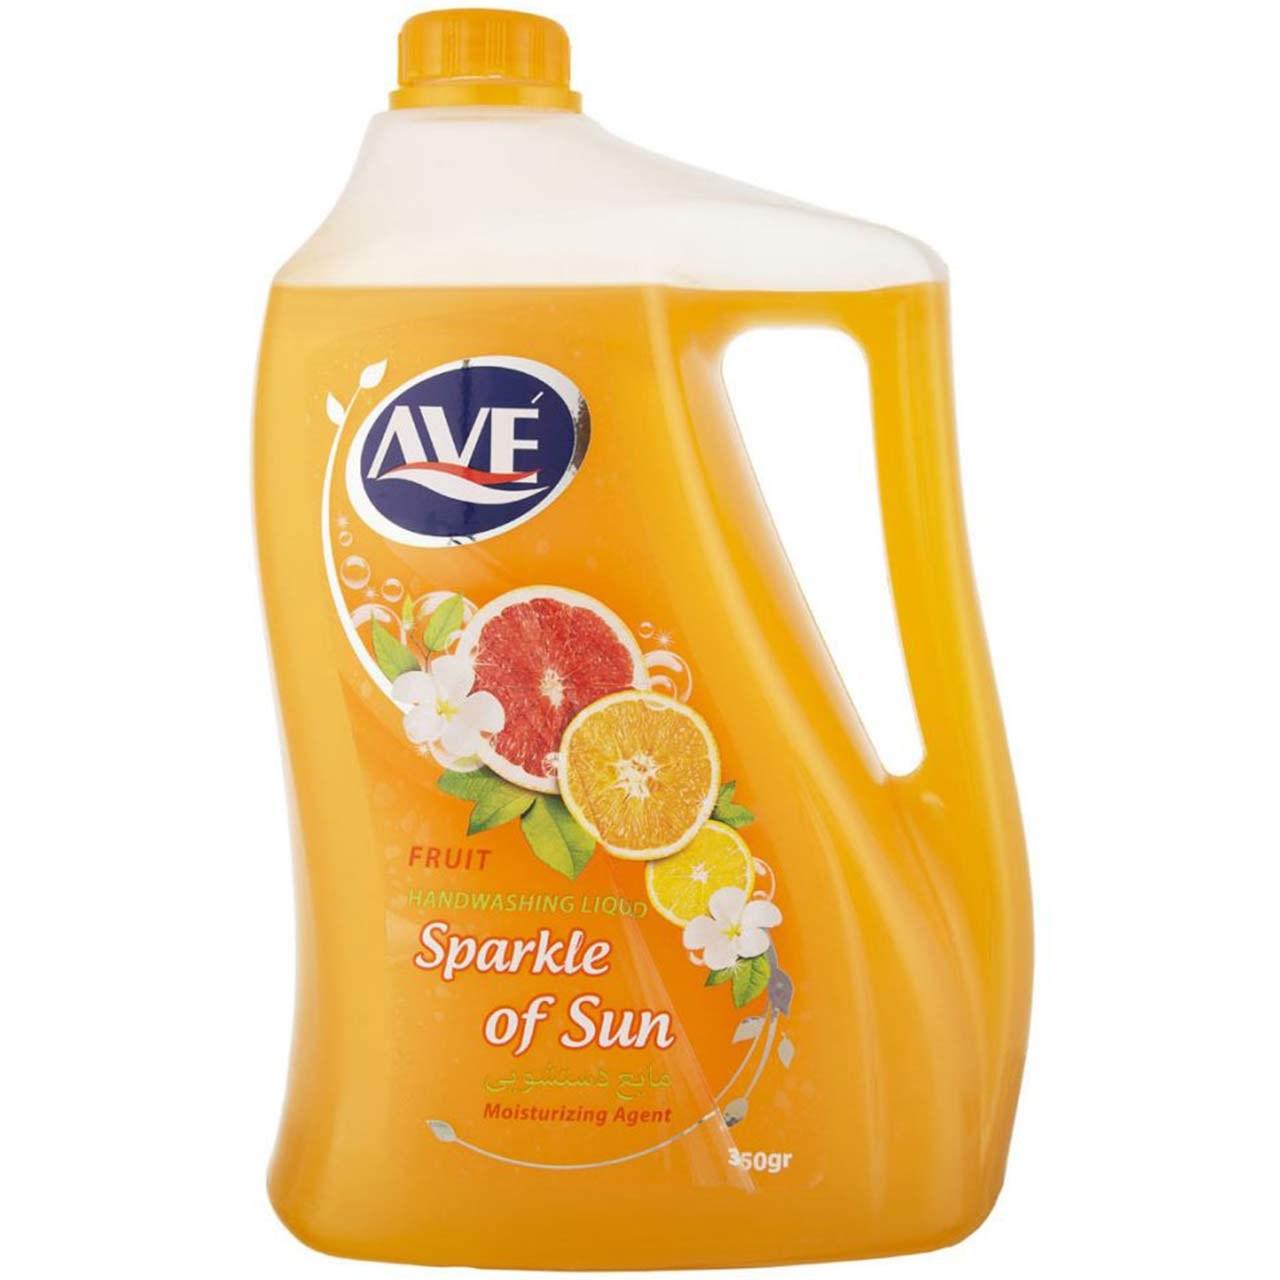 مایع دستشویی اوه مدل Sparkle Of Sun مقدار 3750 گرم